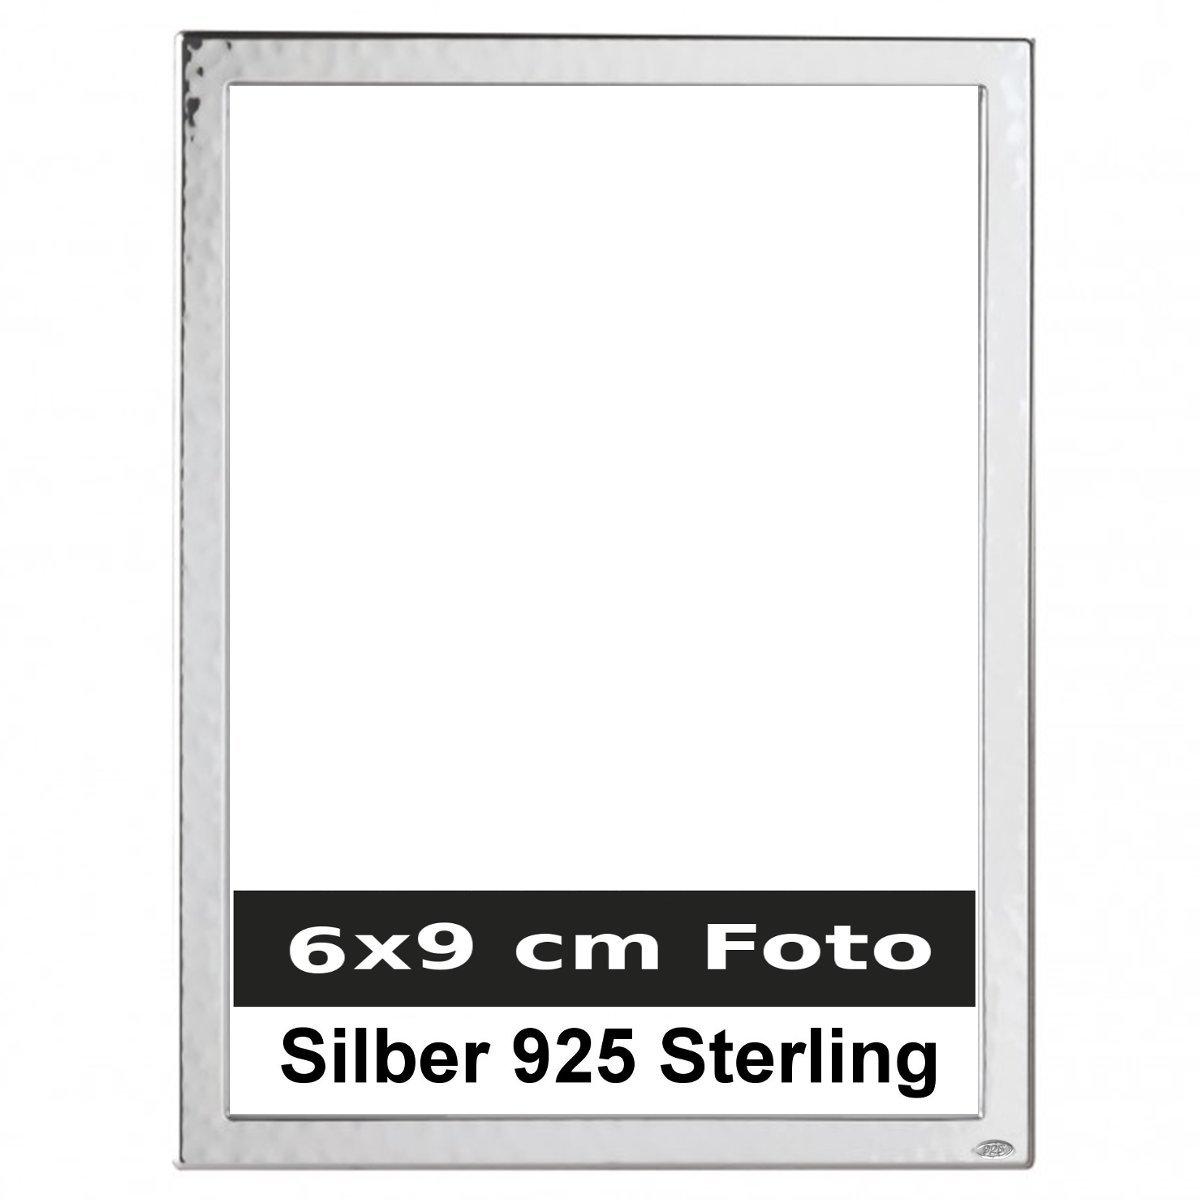 Bilderrahmen Frankfurt 6x9 cm Foto Silber 925 Sterling mit Holzrücken